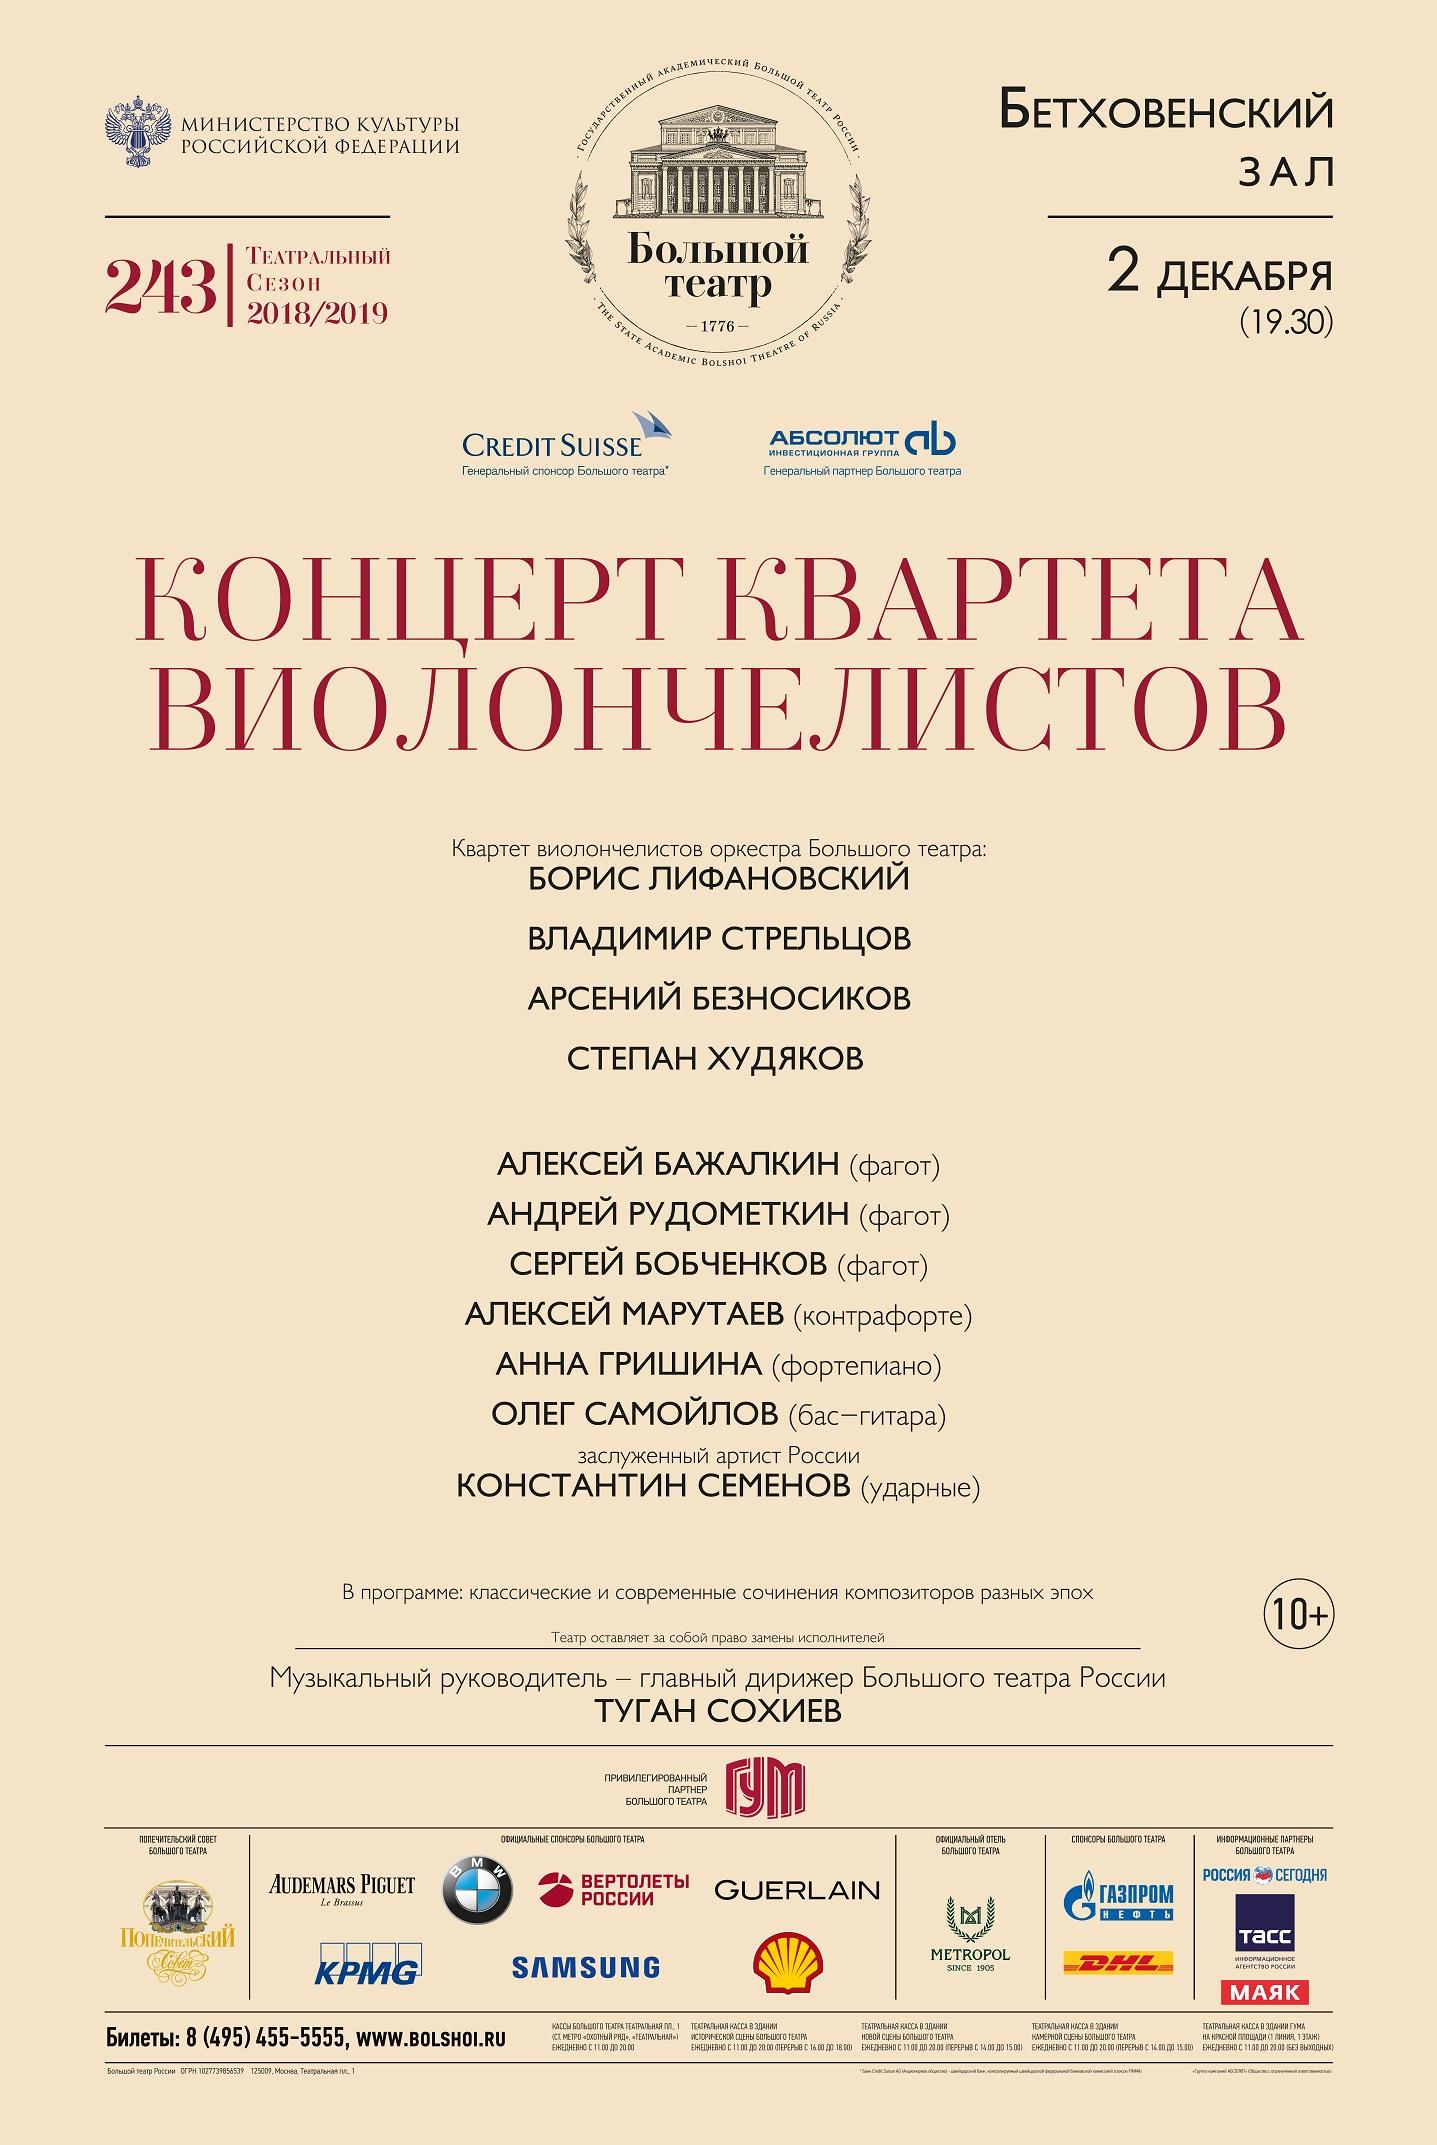 2/12/2018, Бетховенский зал Большого театра. 4Cellos (revisited)